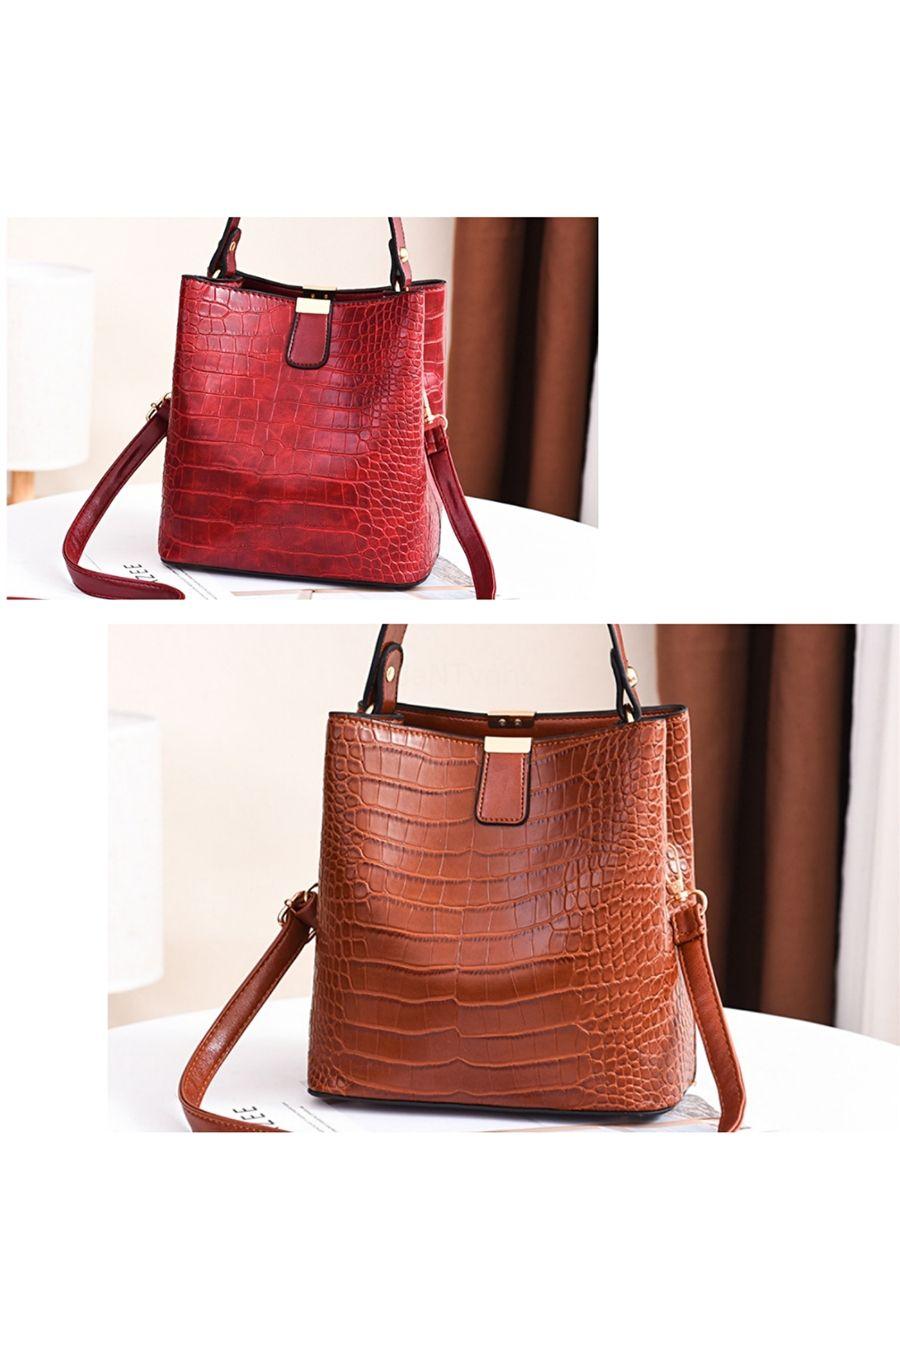 Женские сумки Кошельки кожаные Hadbags кошельки Женская мода сумки на ремне Женщины Totes сумки Новый стиль щитка Сумочка Кошелек # 442